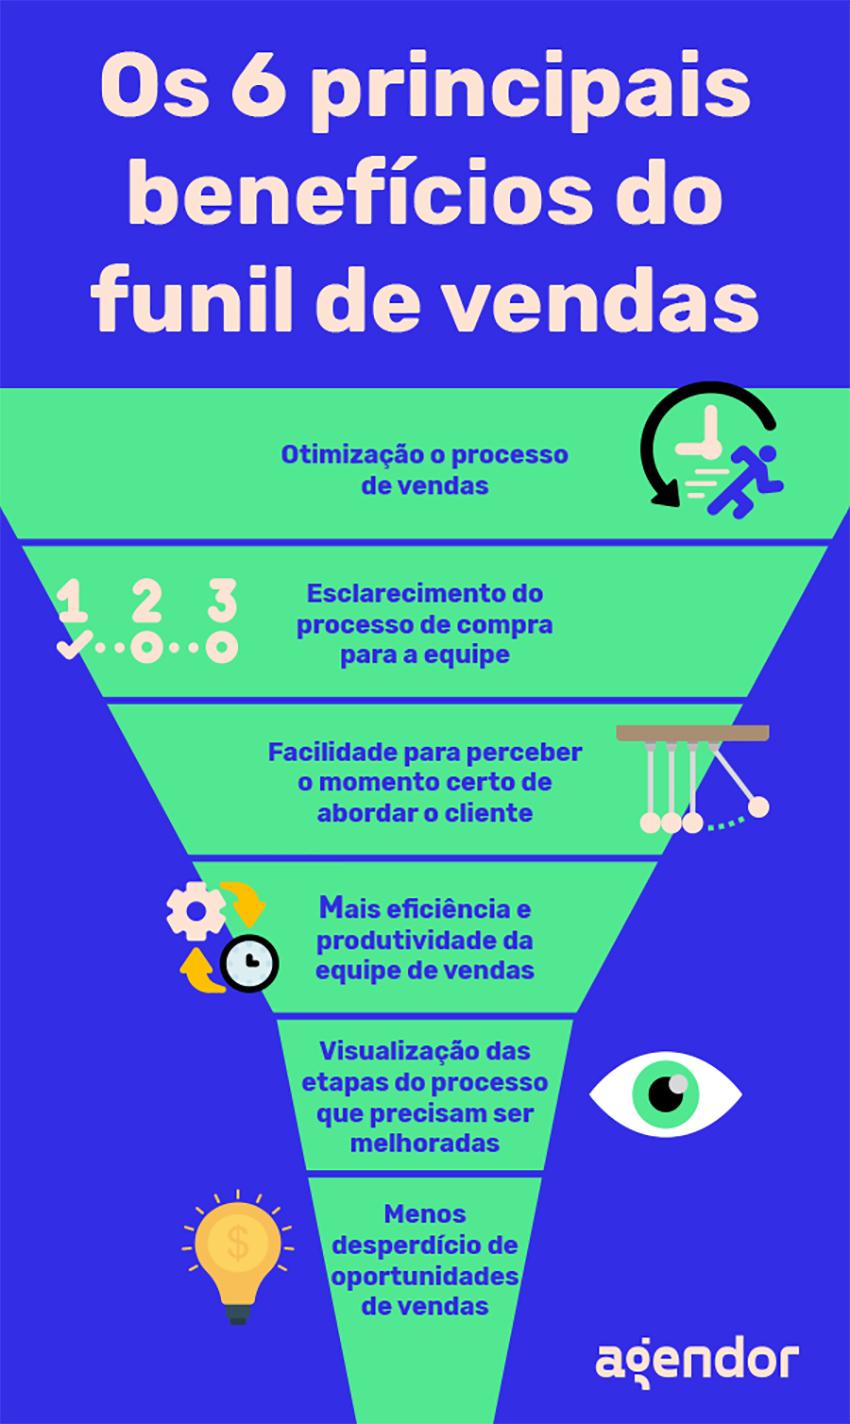 Os 6 principais benefícios do funil de vendas